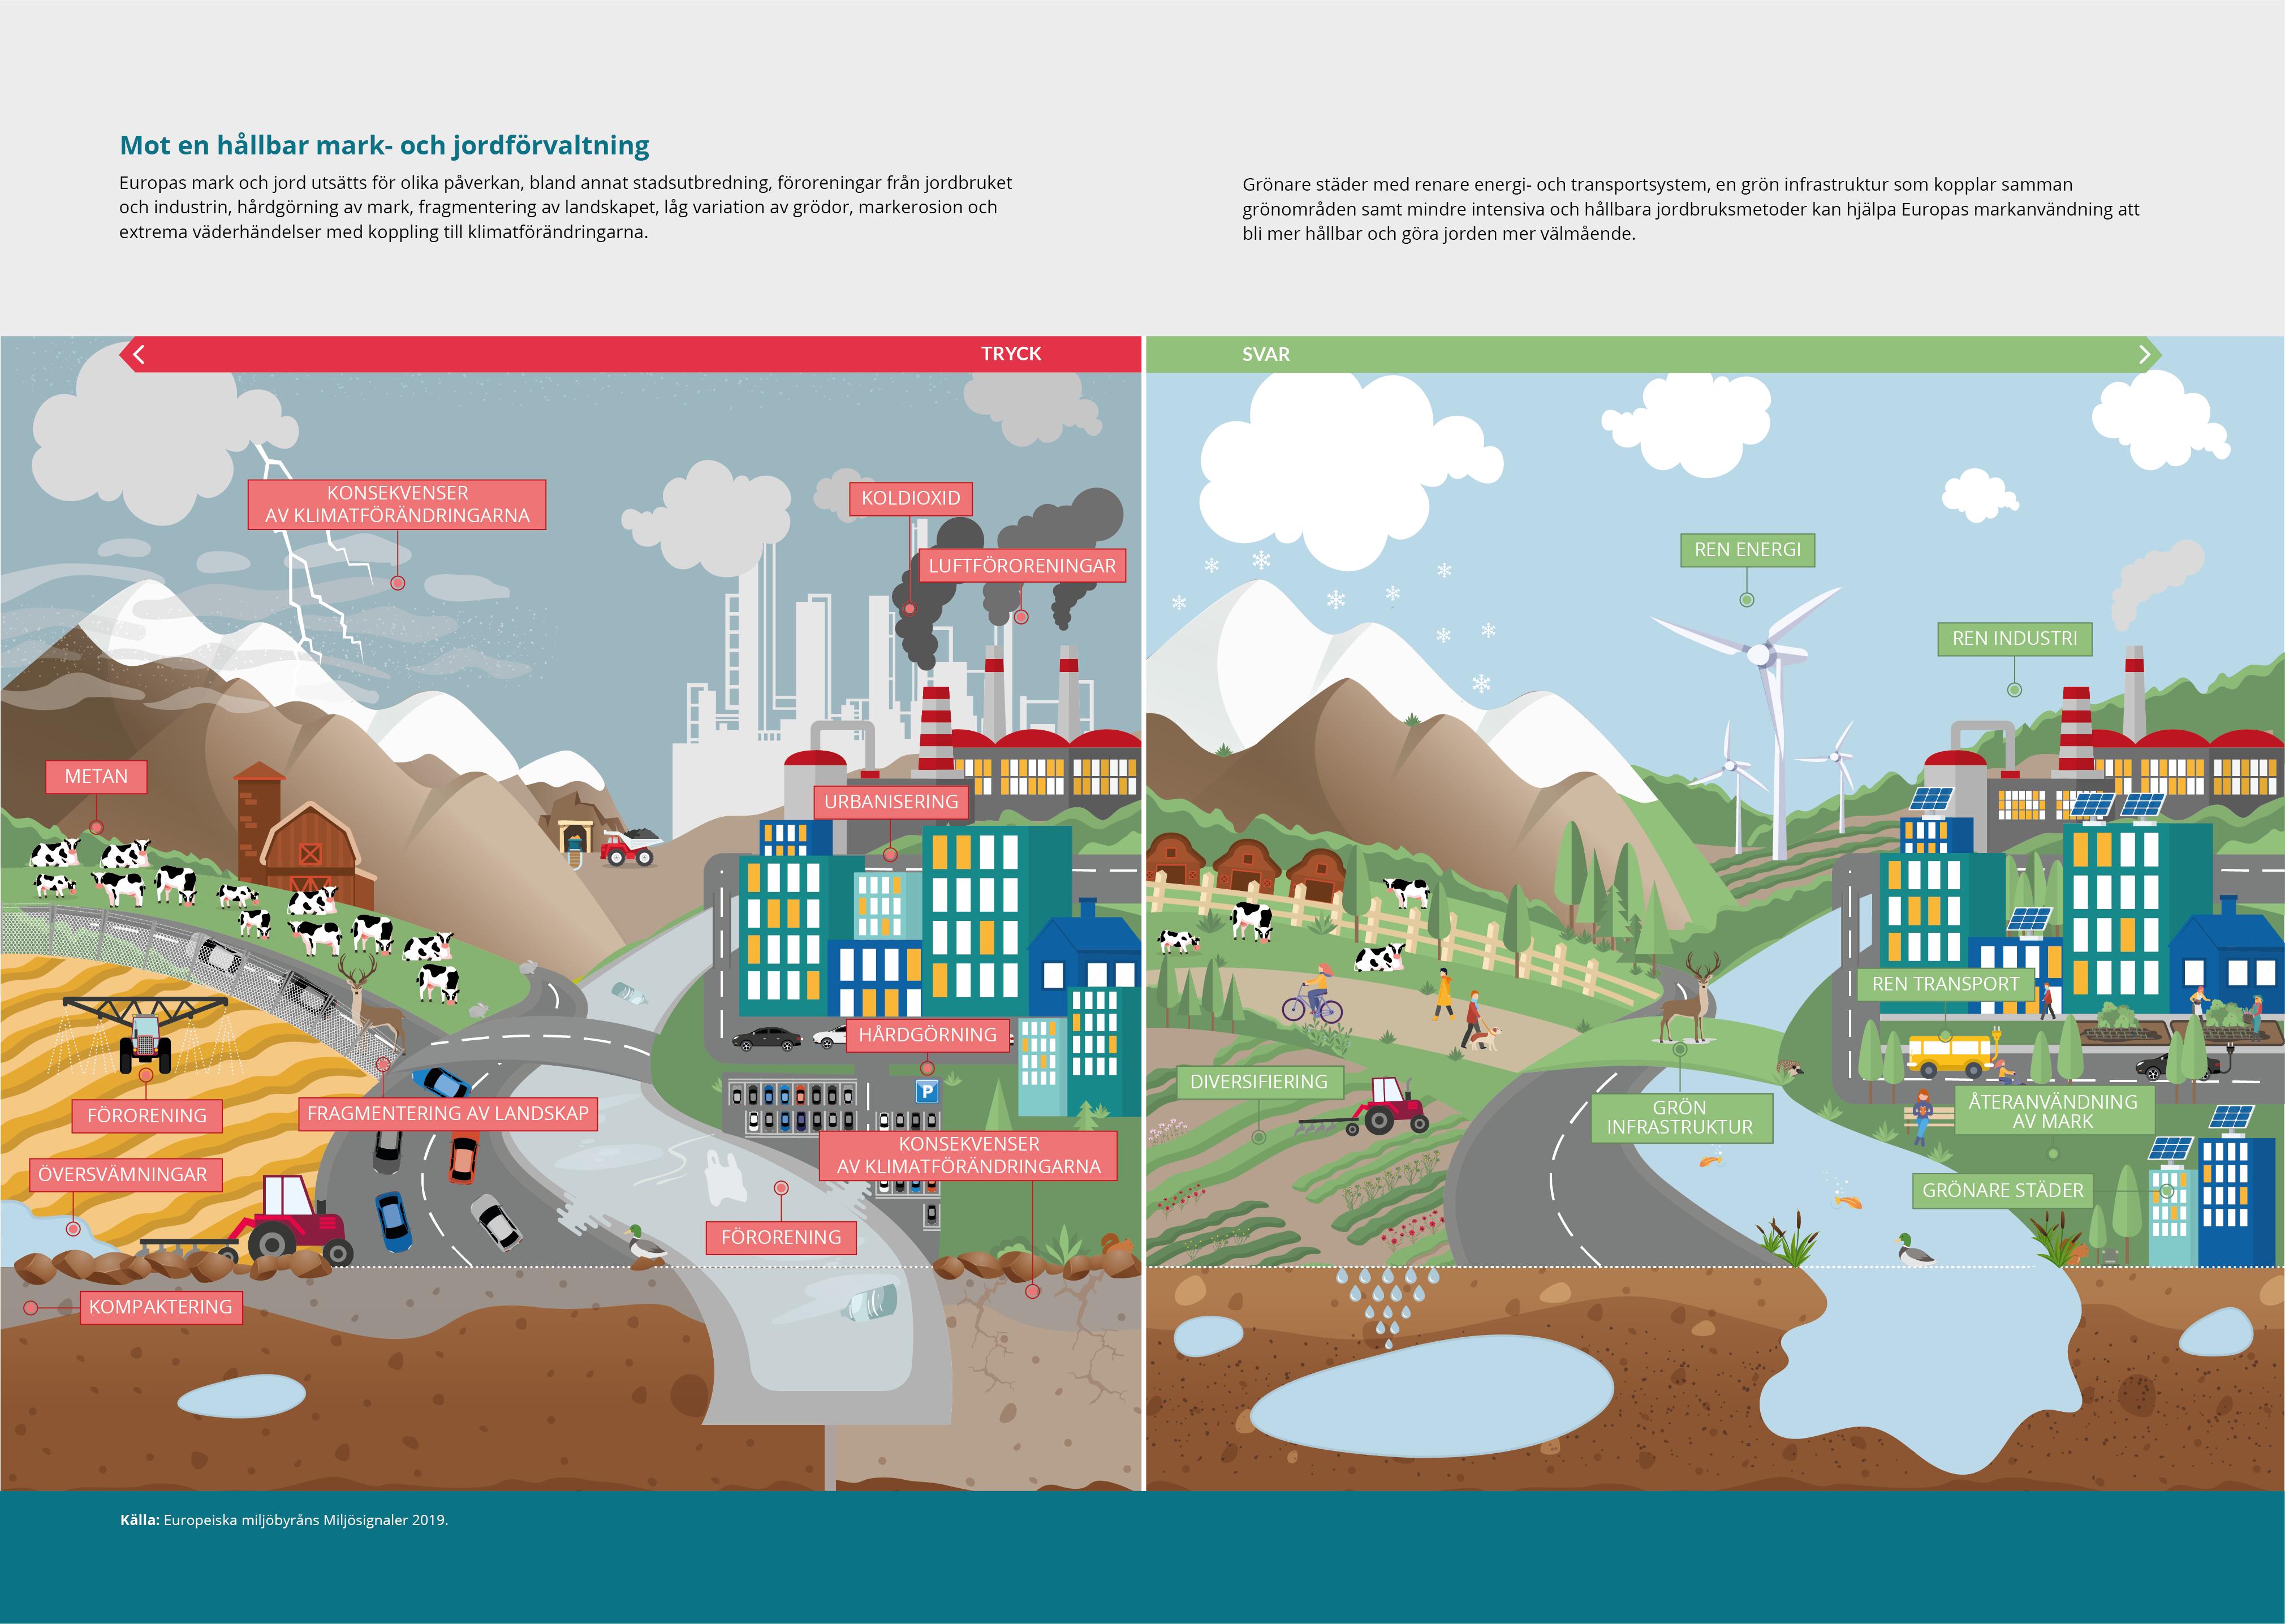 Mot en hållbar mark- och jordförvaltning